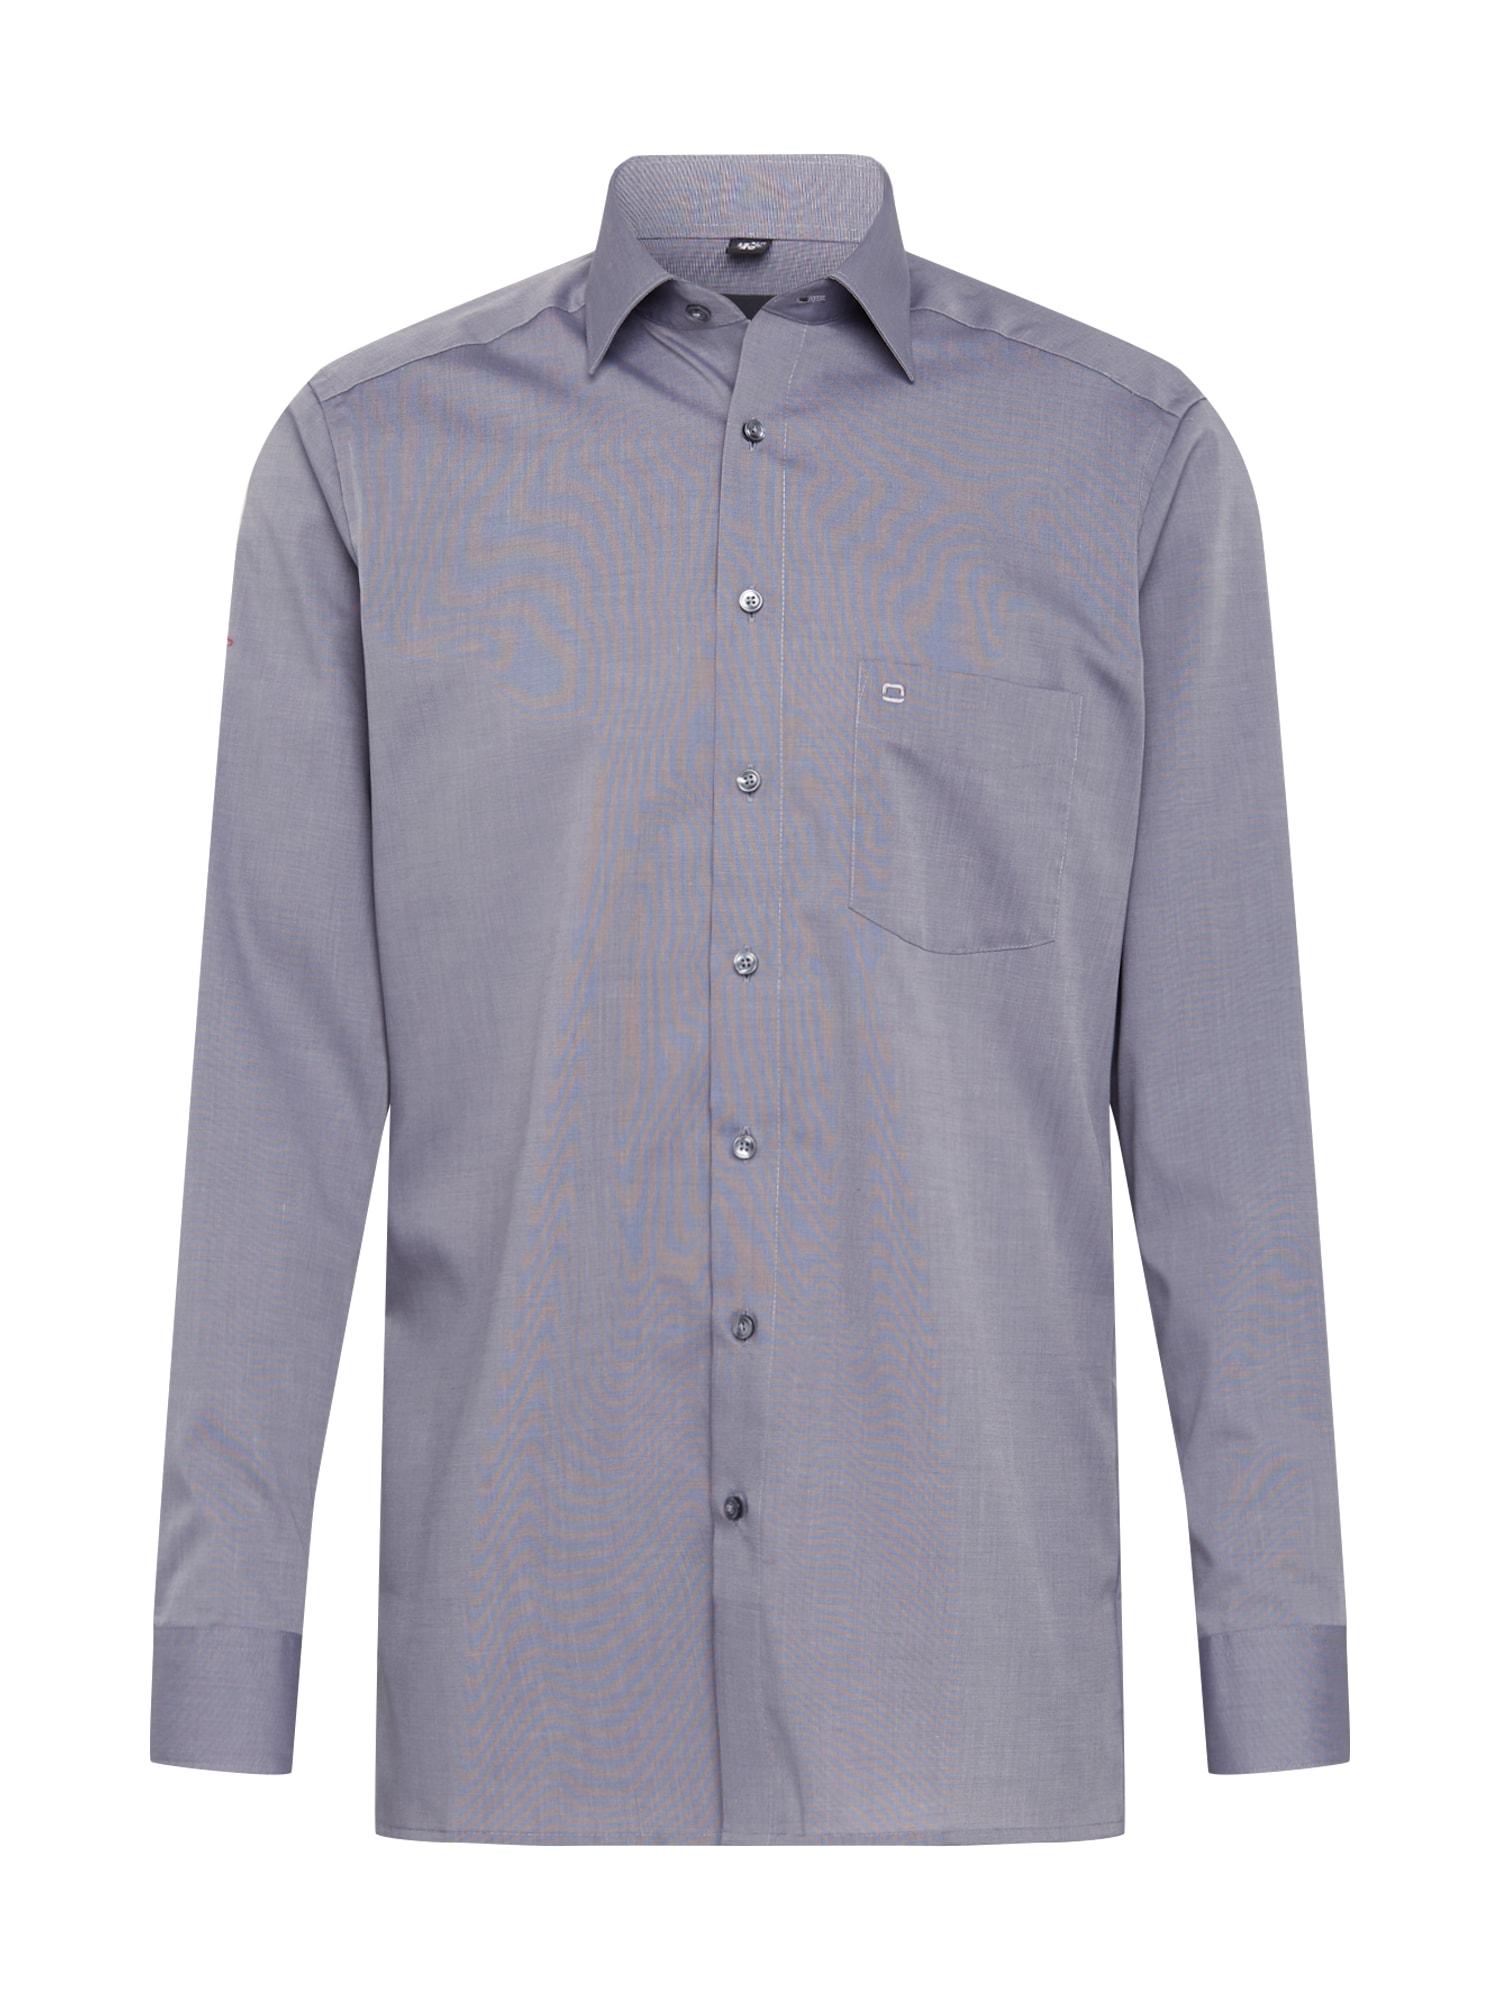 OLYMP Dalykinio stiliaus marškiniai pilka